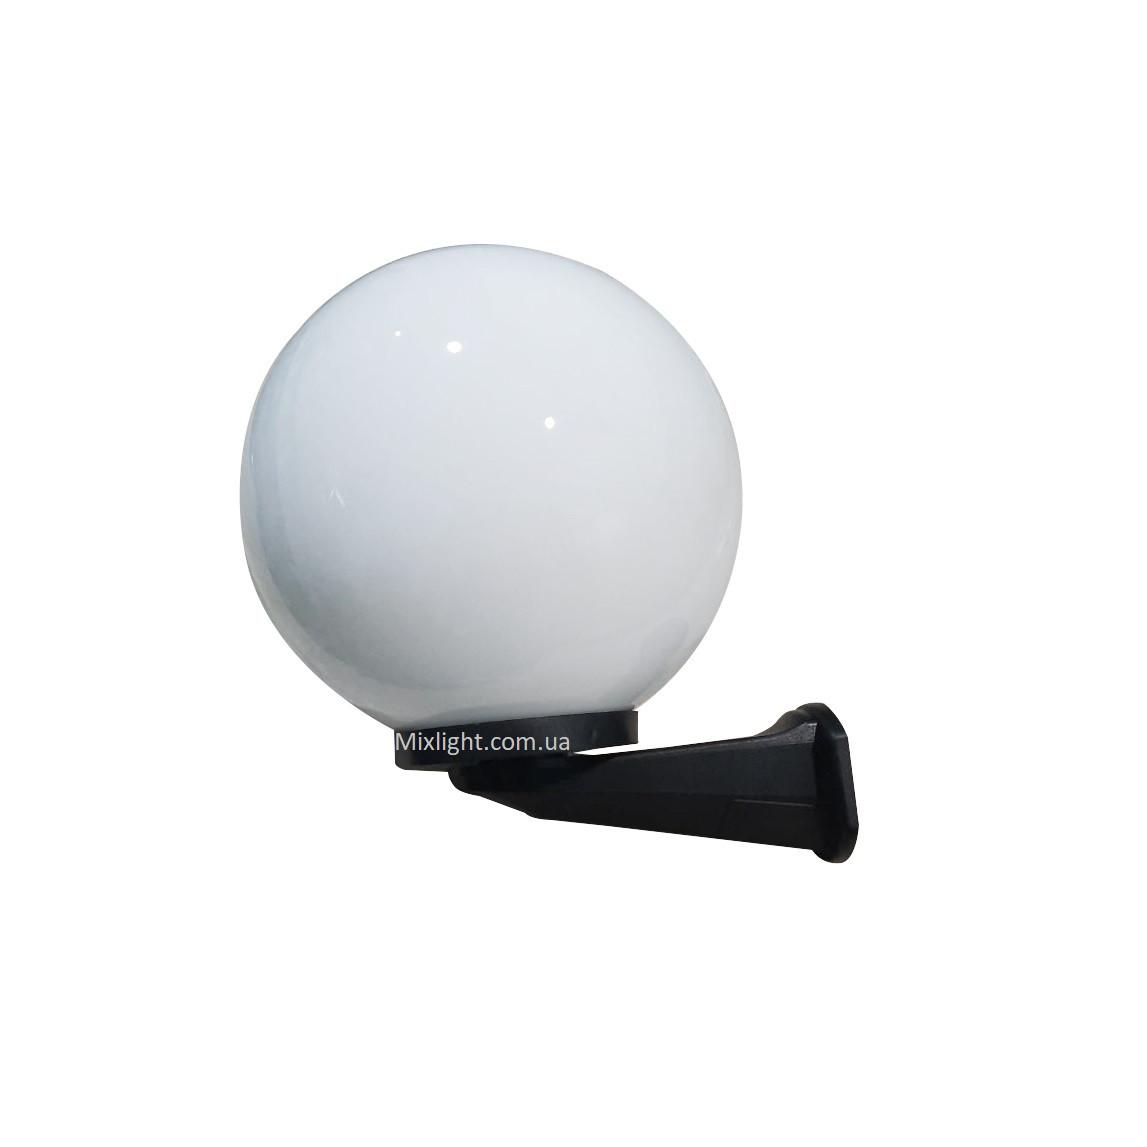 Світильник настінний вуличний куля опал d-30см